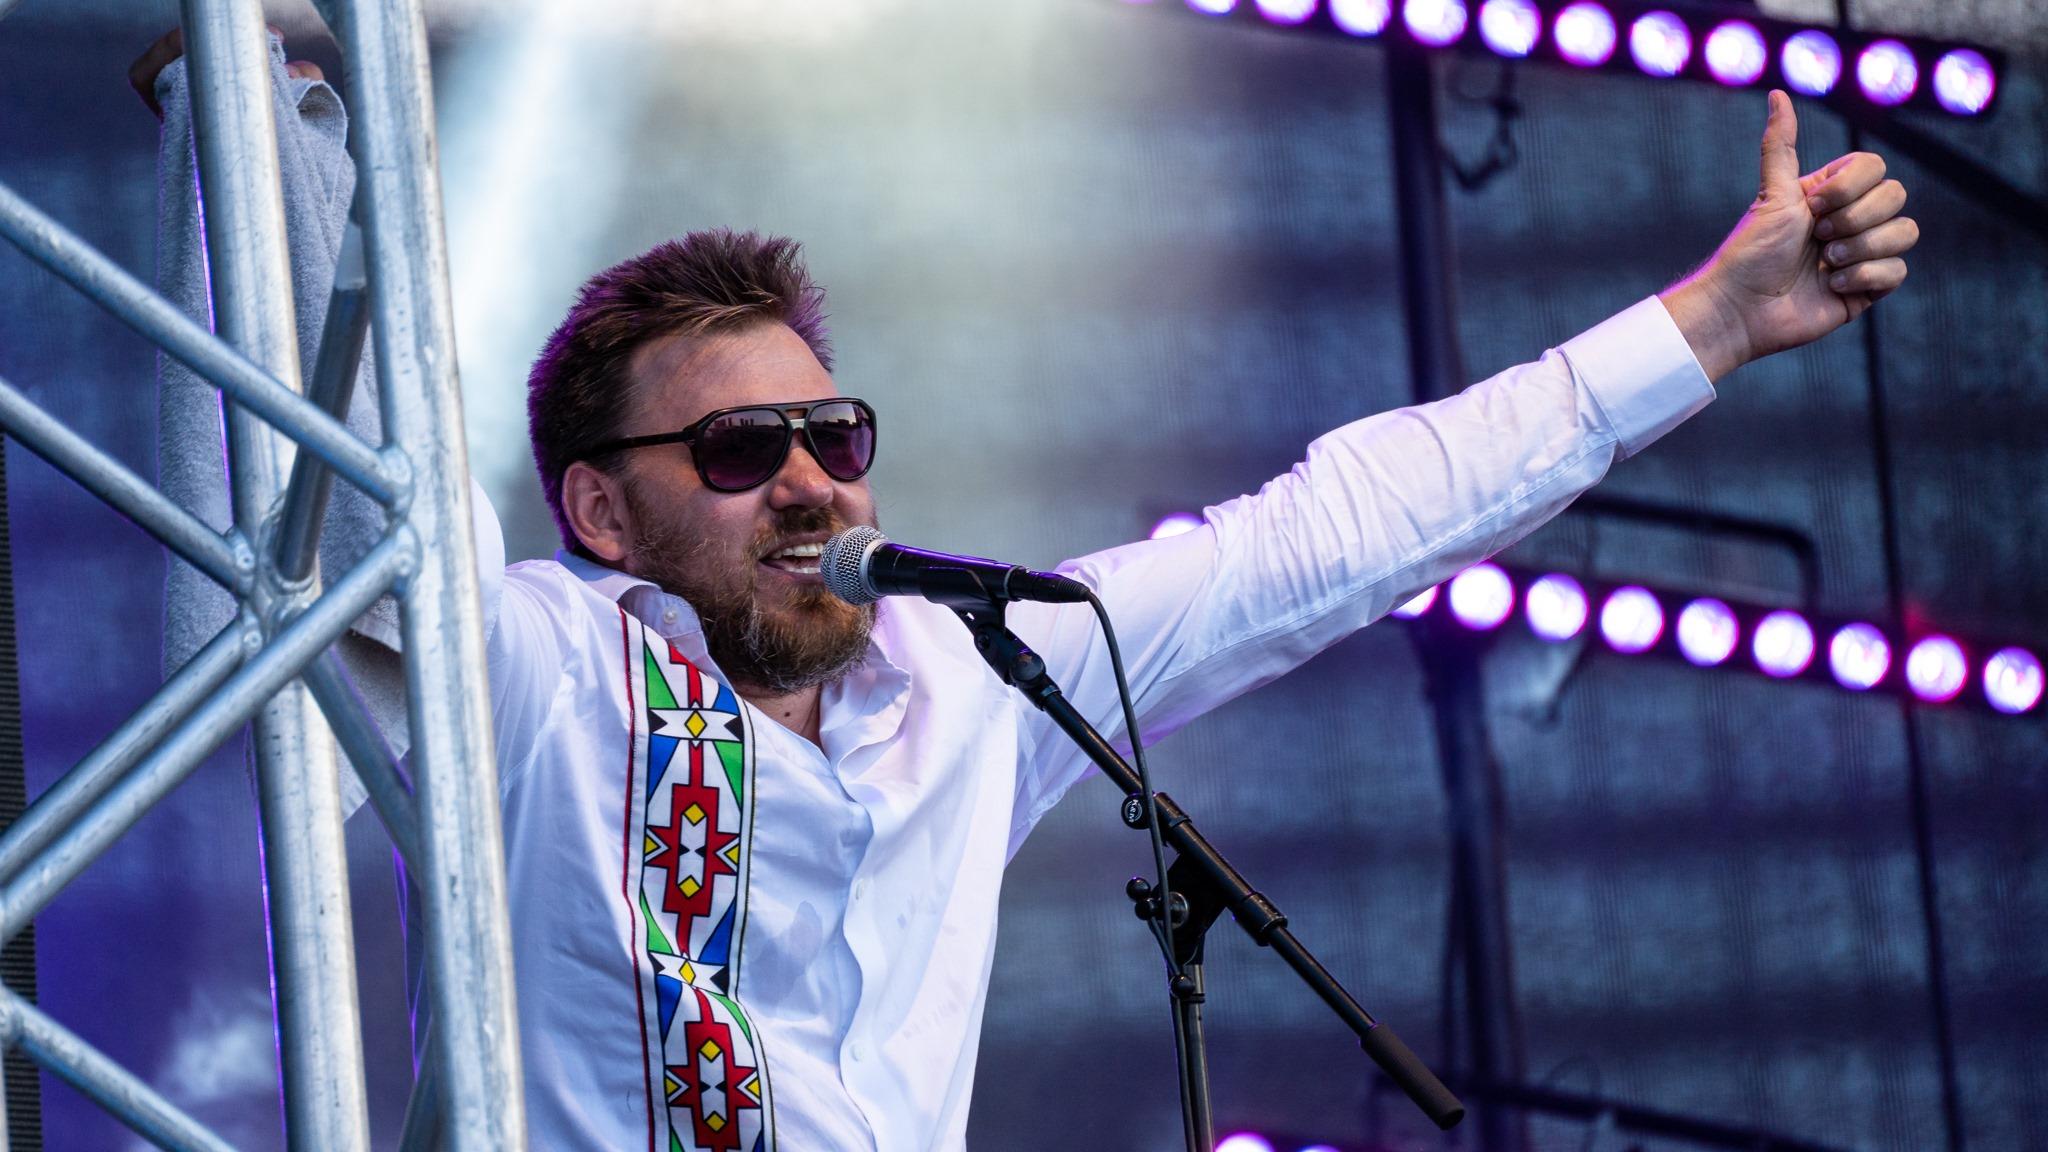 Der Grazer Musiker Chris Beer veröffentlichte jetzt sein neues Album 'Who we are'